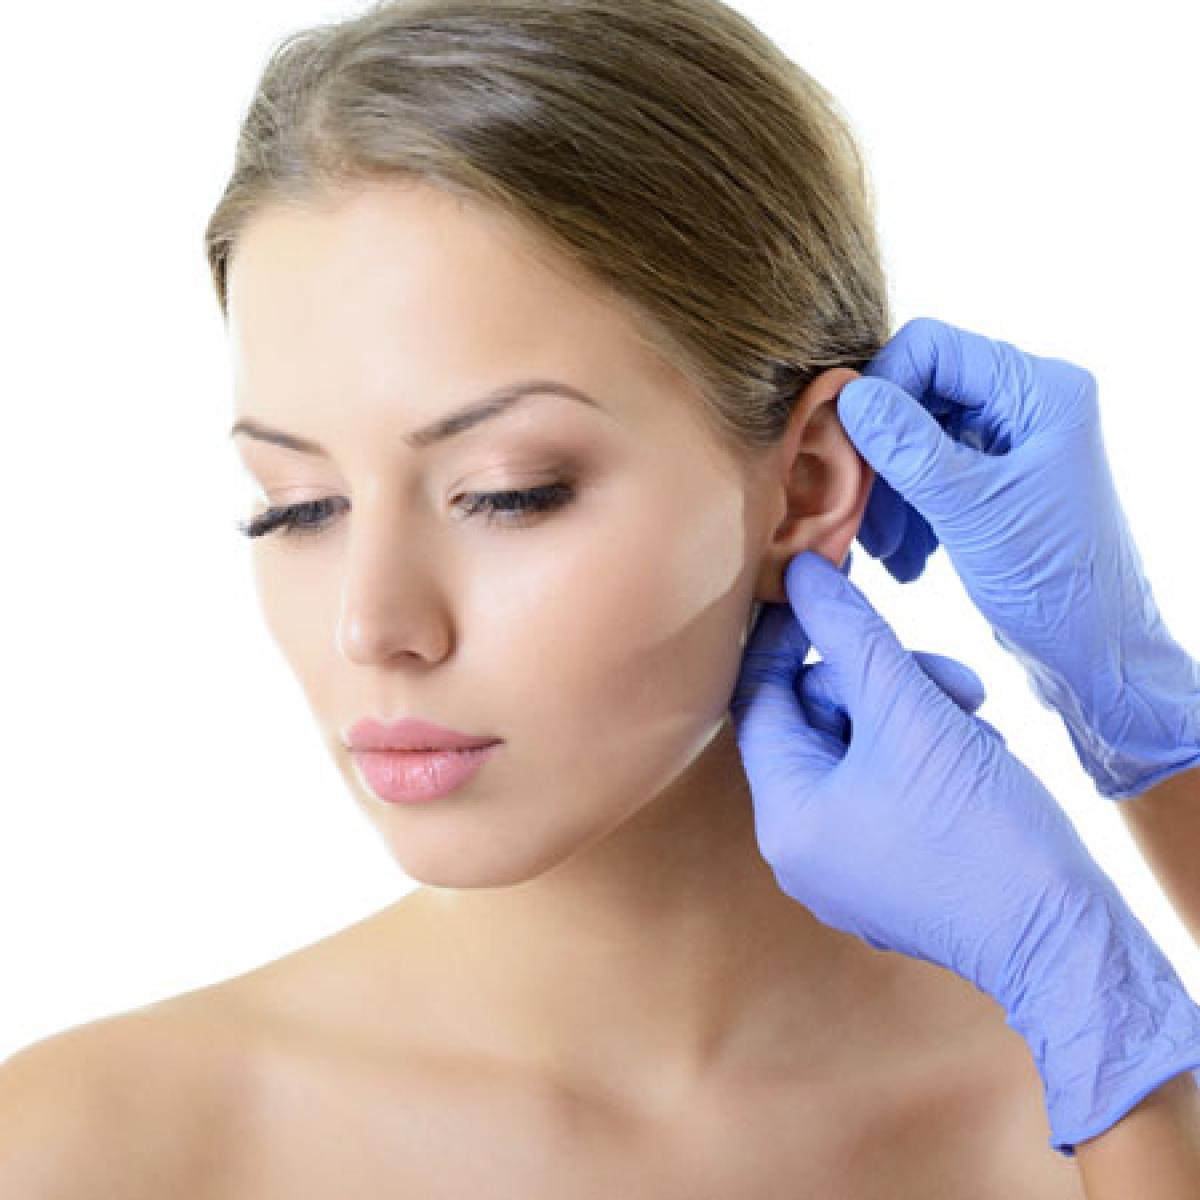 耳を手術する夢は、情報を聞き分けられるようになることを暗示している!?